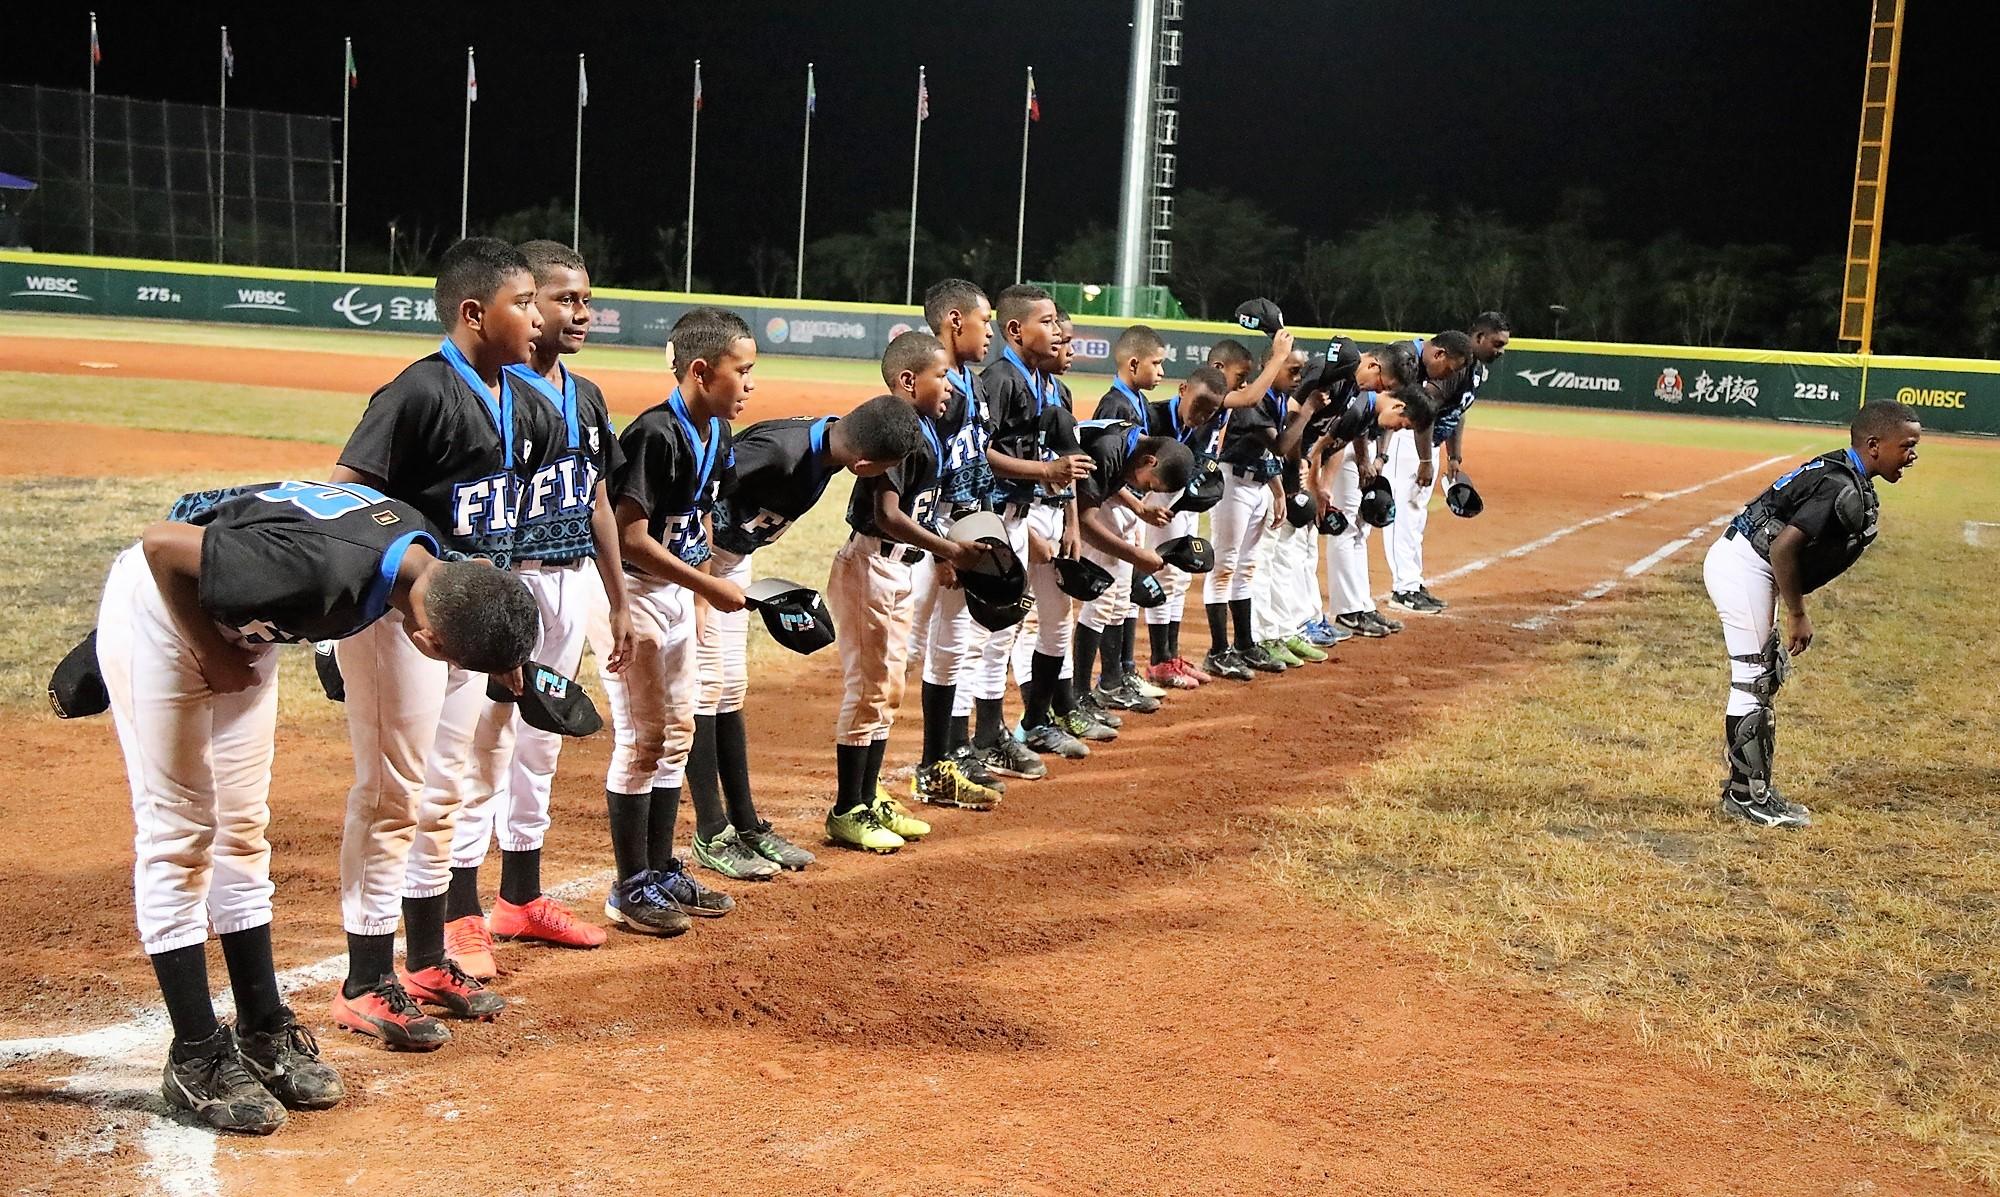 Fiji honour the Tainan fans